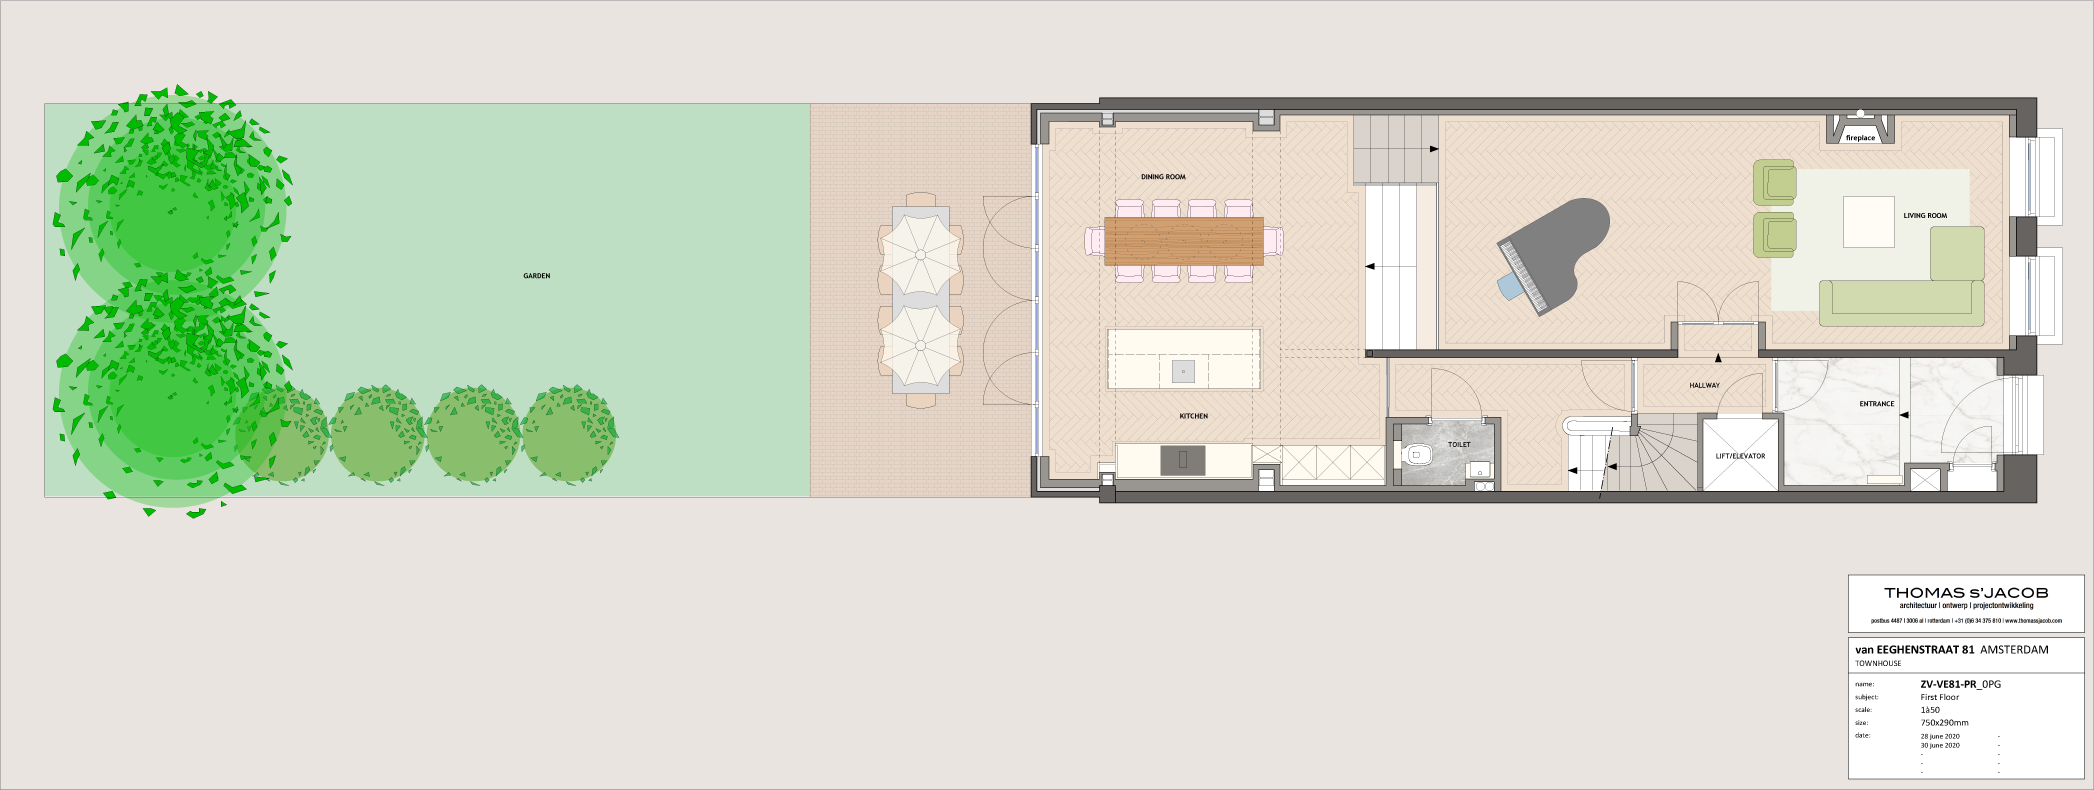 plattegrond de van eegh 81, 1e verdieping